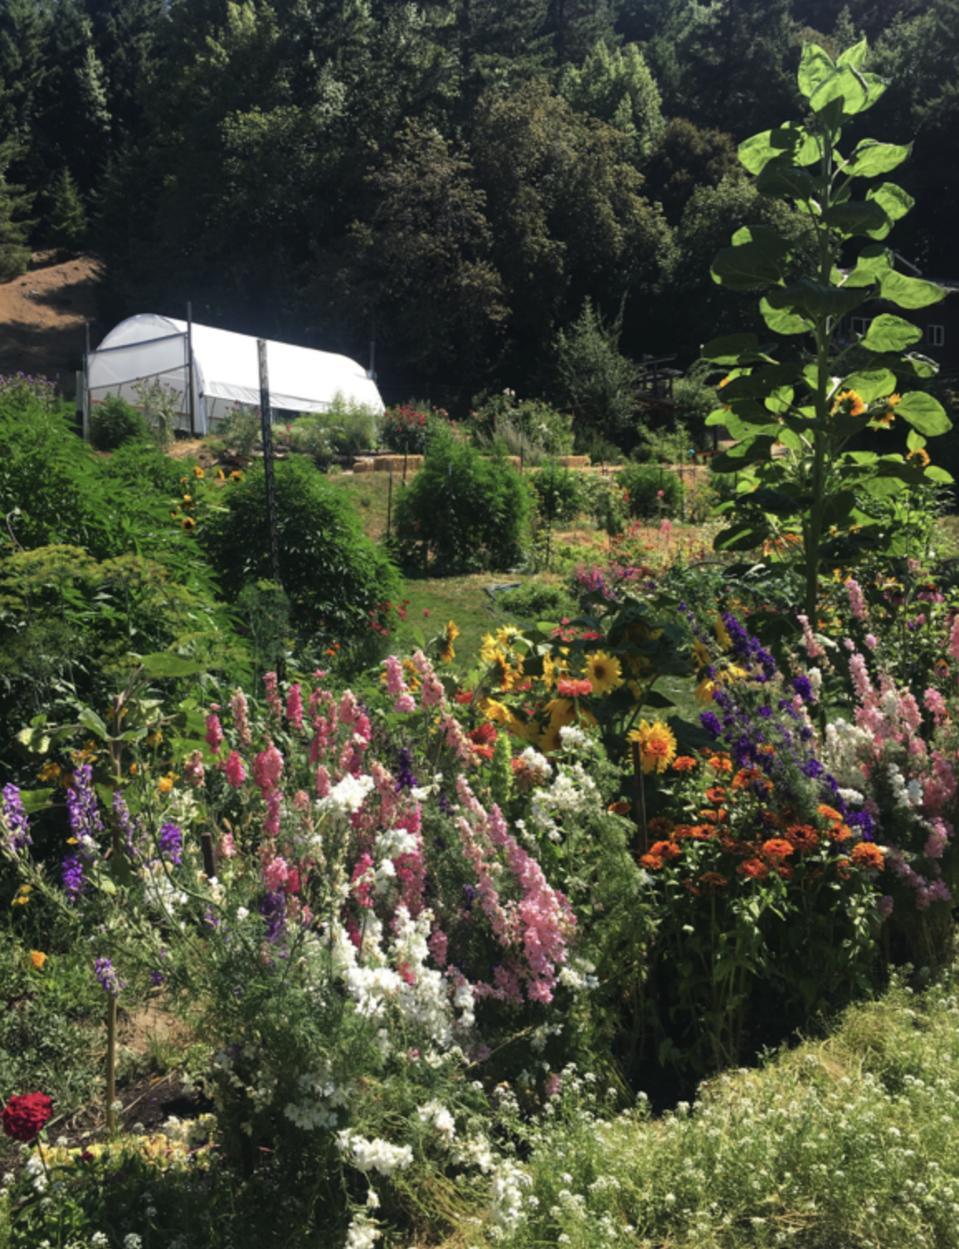 Local Eden: Emerald Spirit Botanicals garden